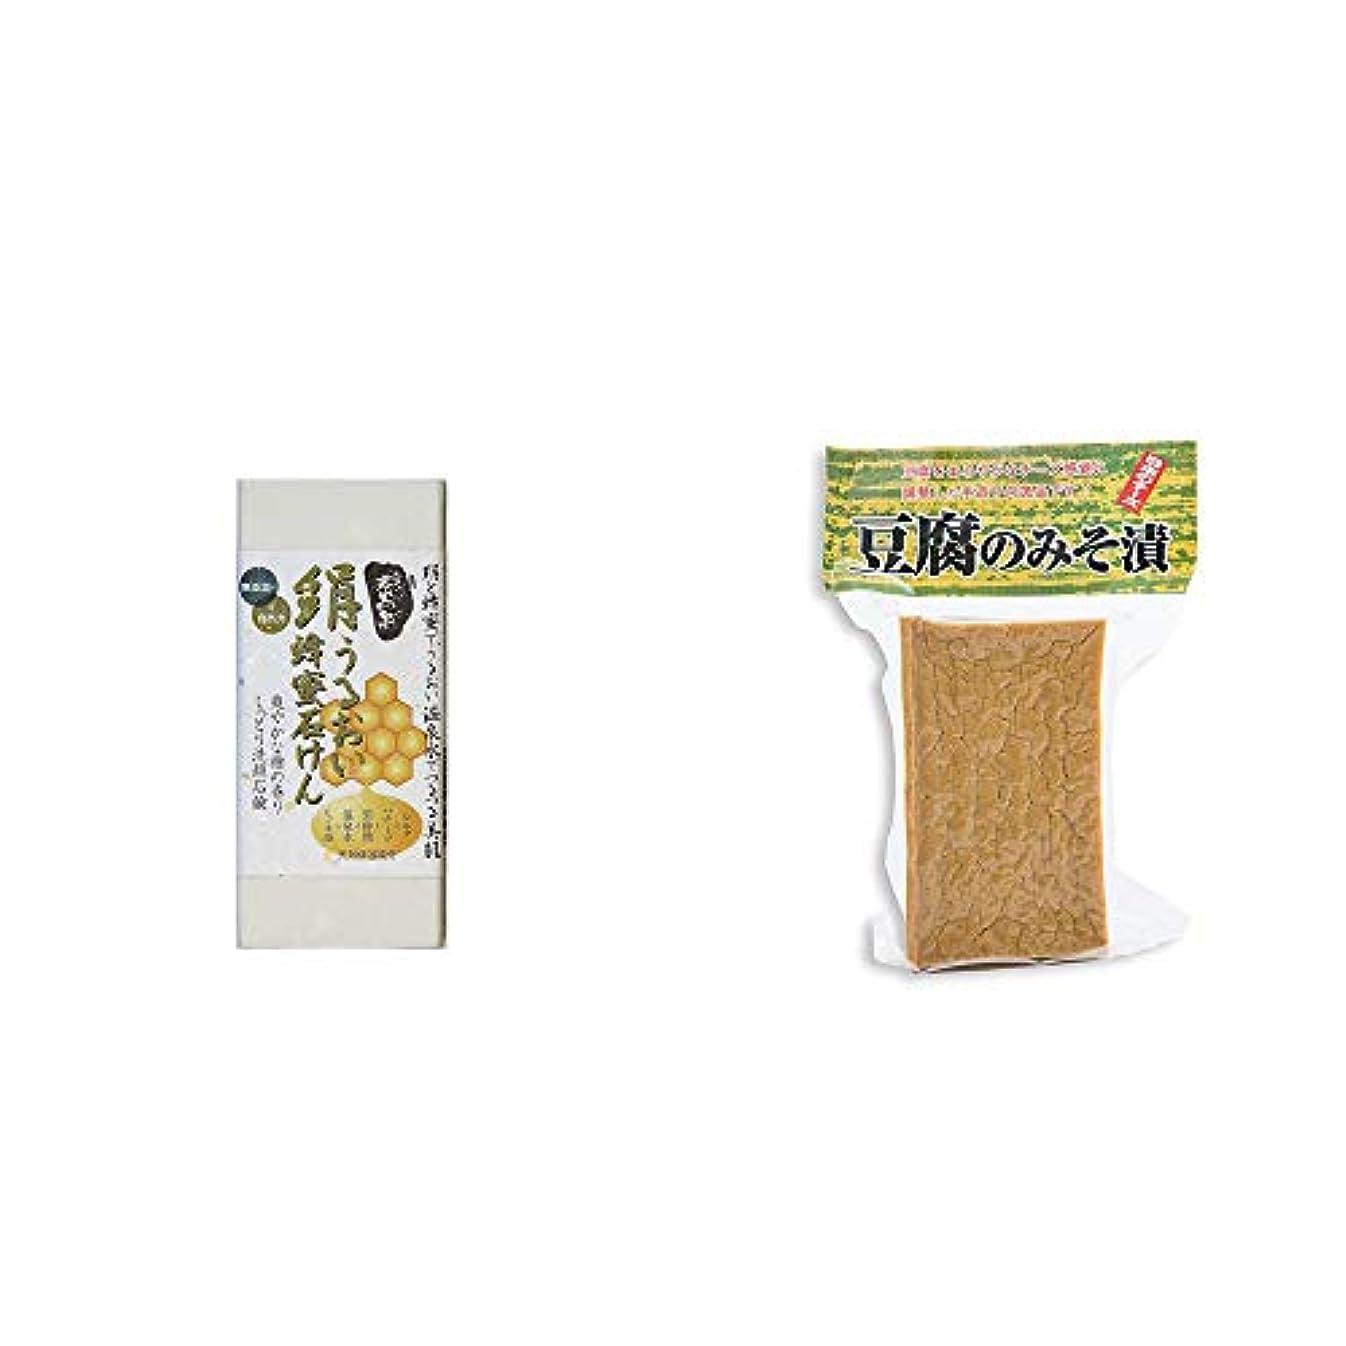 フライカイト写真アーク[2点セット] ひのき炭黒泉 絹うるおい蜂蜜石けん(75g×2)?日本のチーズ 豆腐のみそ漬(1個入)